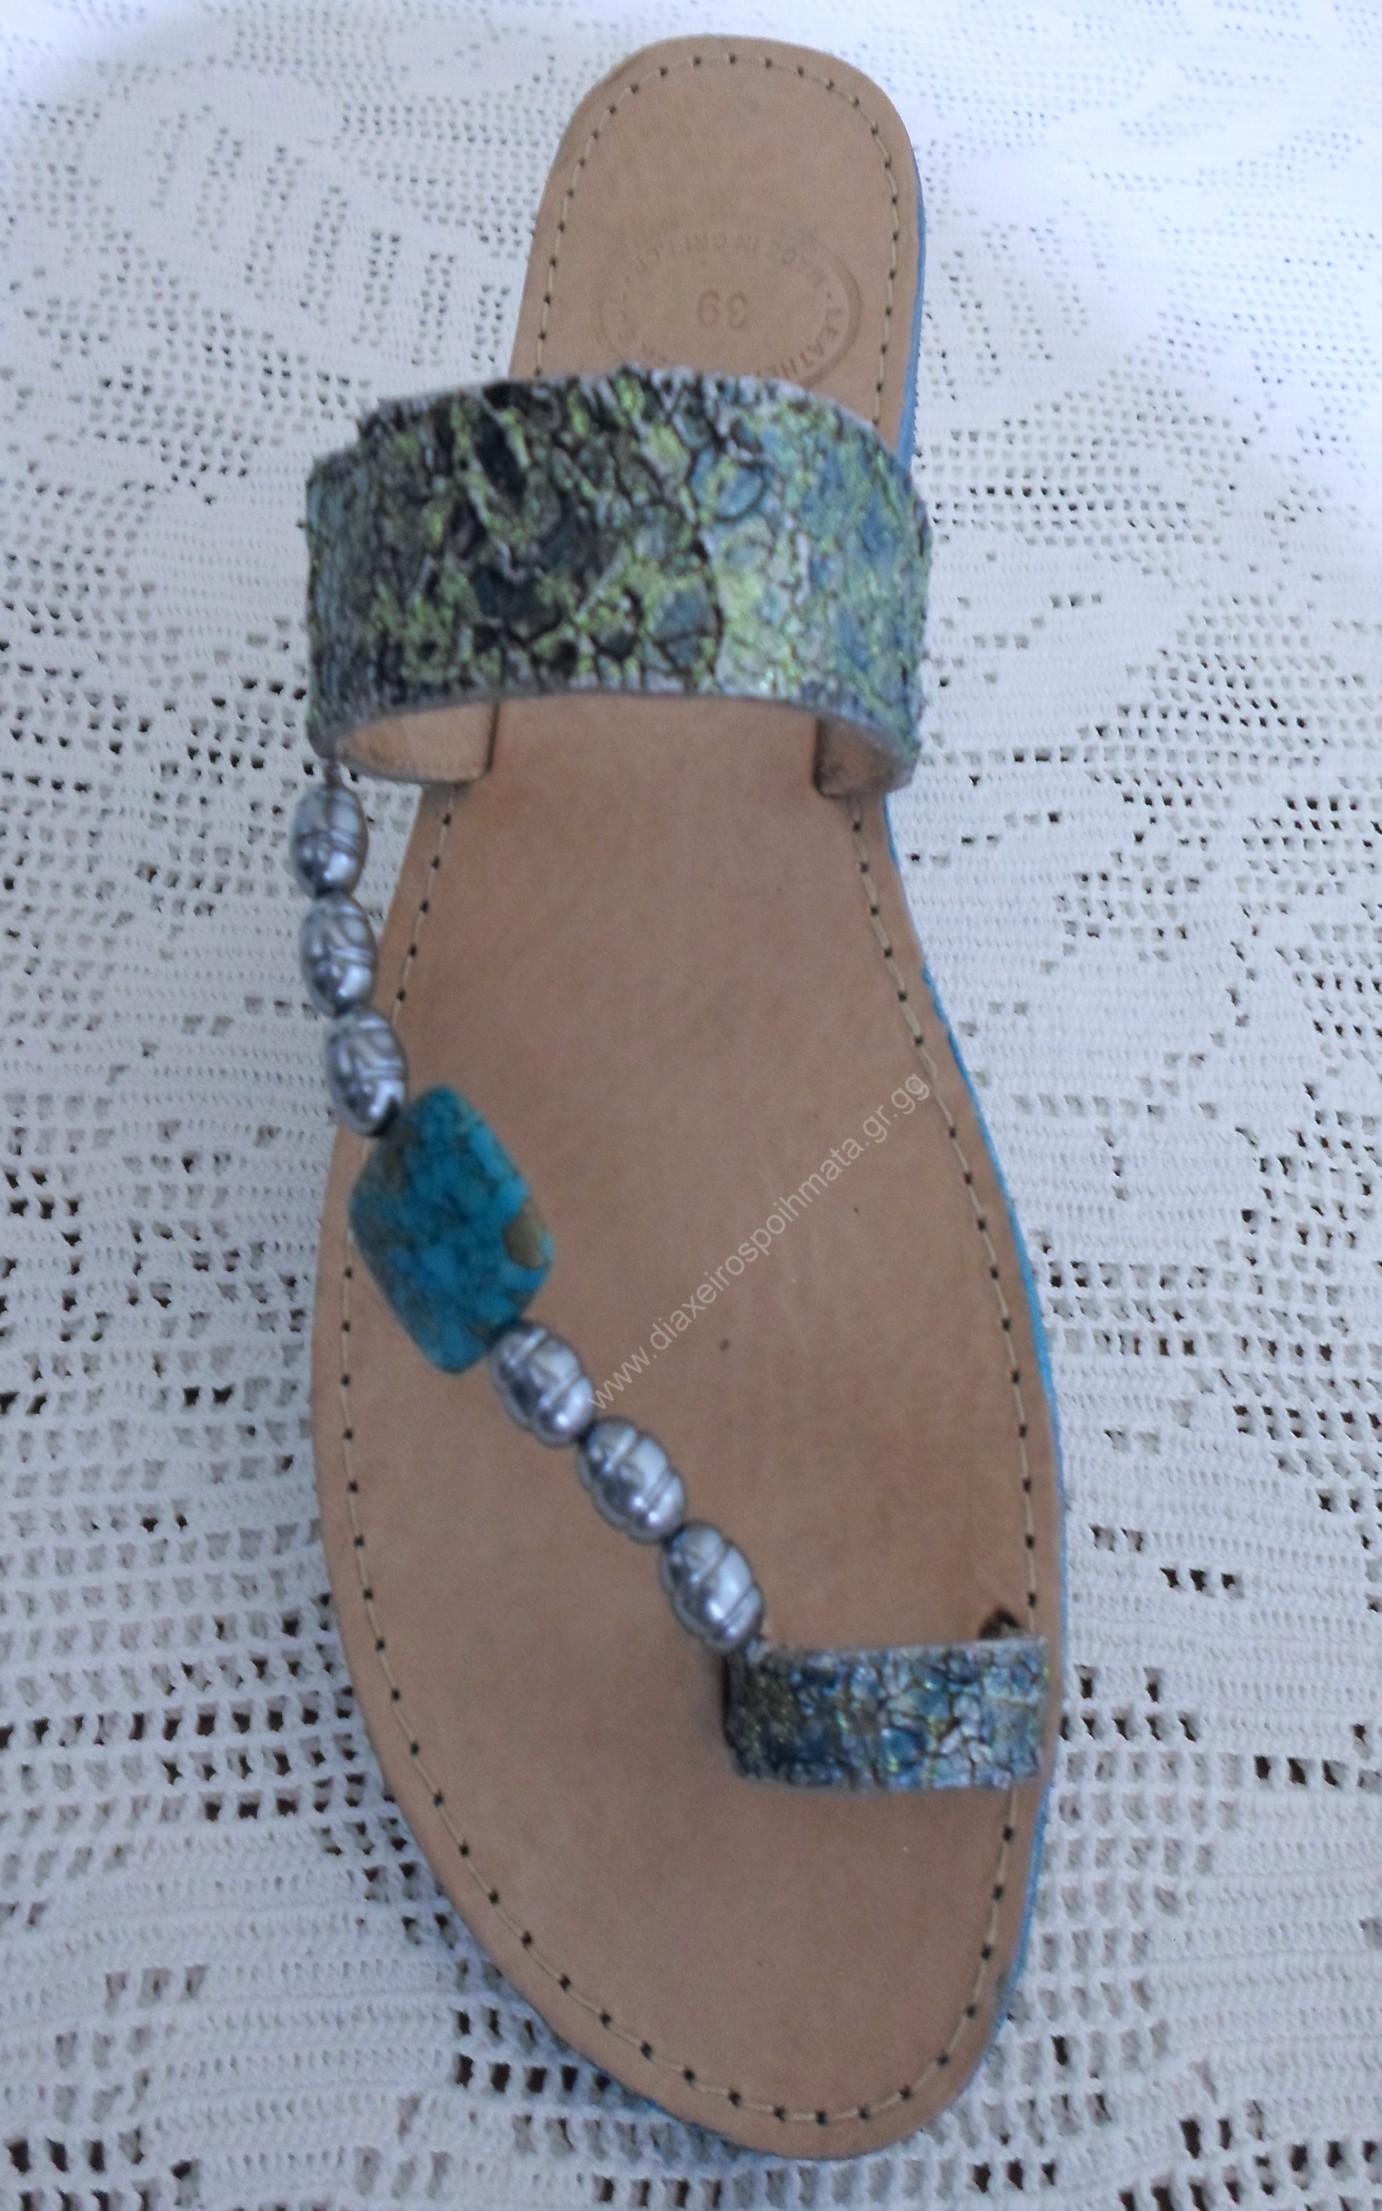 Νέες καλοκαιρινές προτάσεις. Ιδιαίτερα κ` προτότυπα σανδάλια σε πολλά χρώματα με διάφορες τεχνικές που μπορούν να εφαρμοστούν κ` σε πλατφόρμες